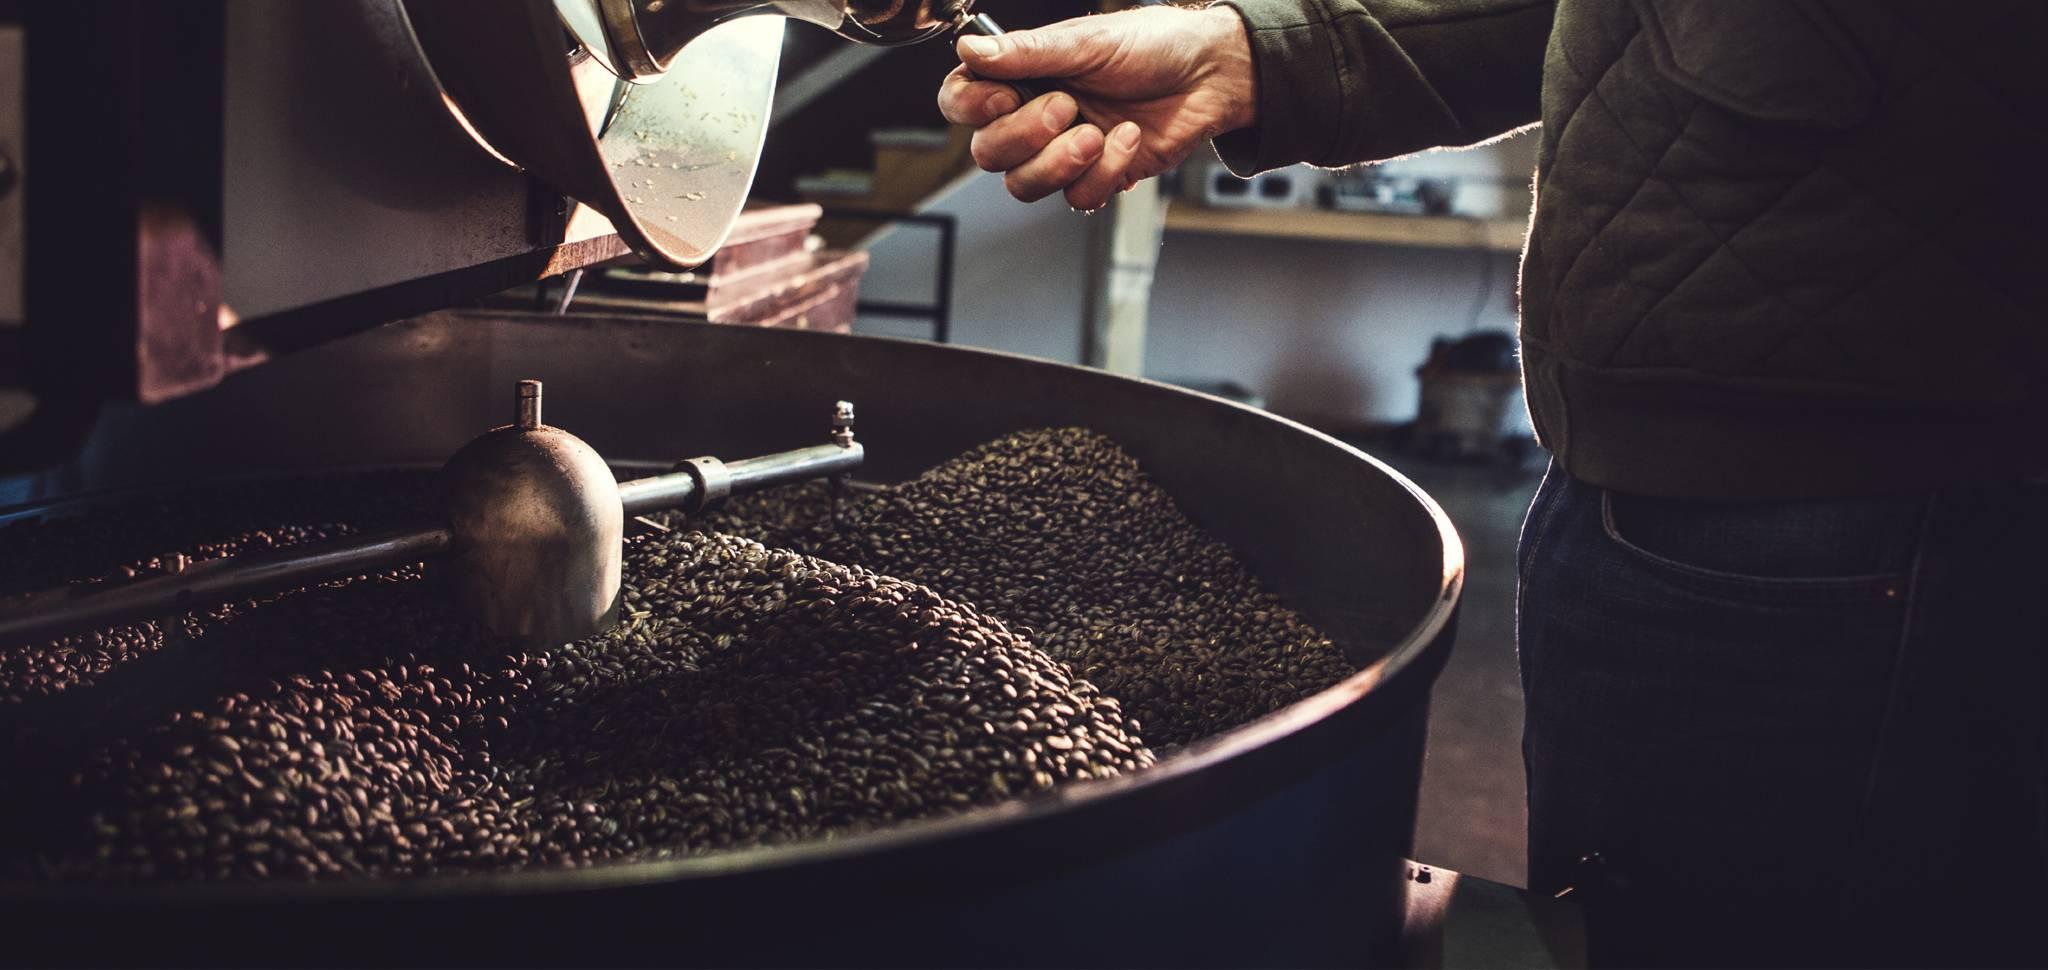 Методы обработки кофе: сухой и влажный.